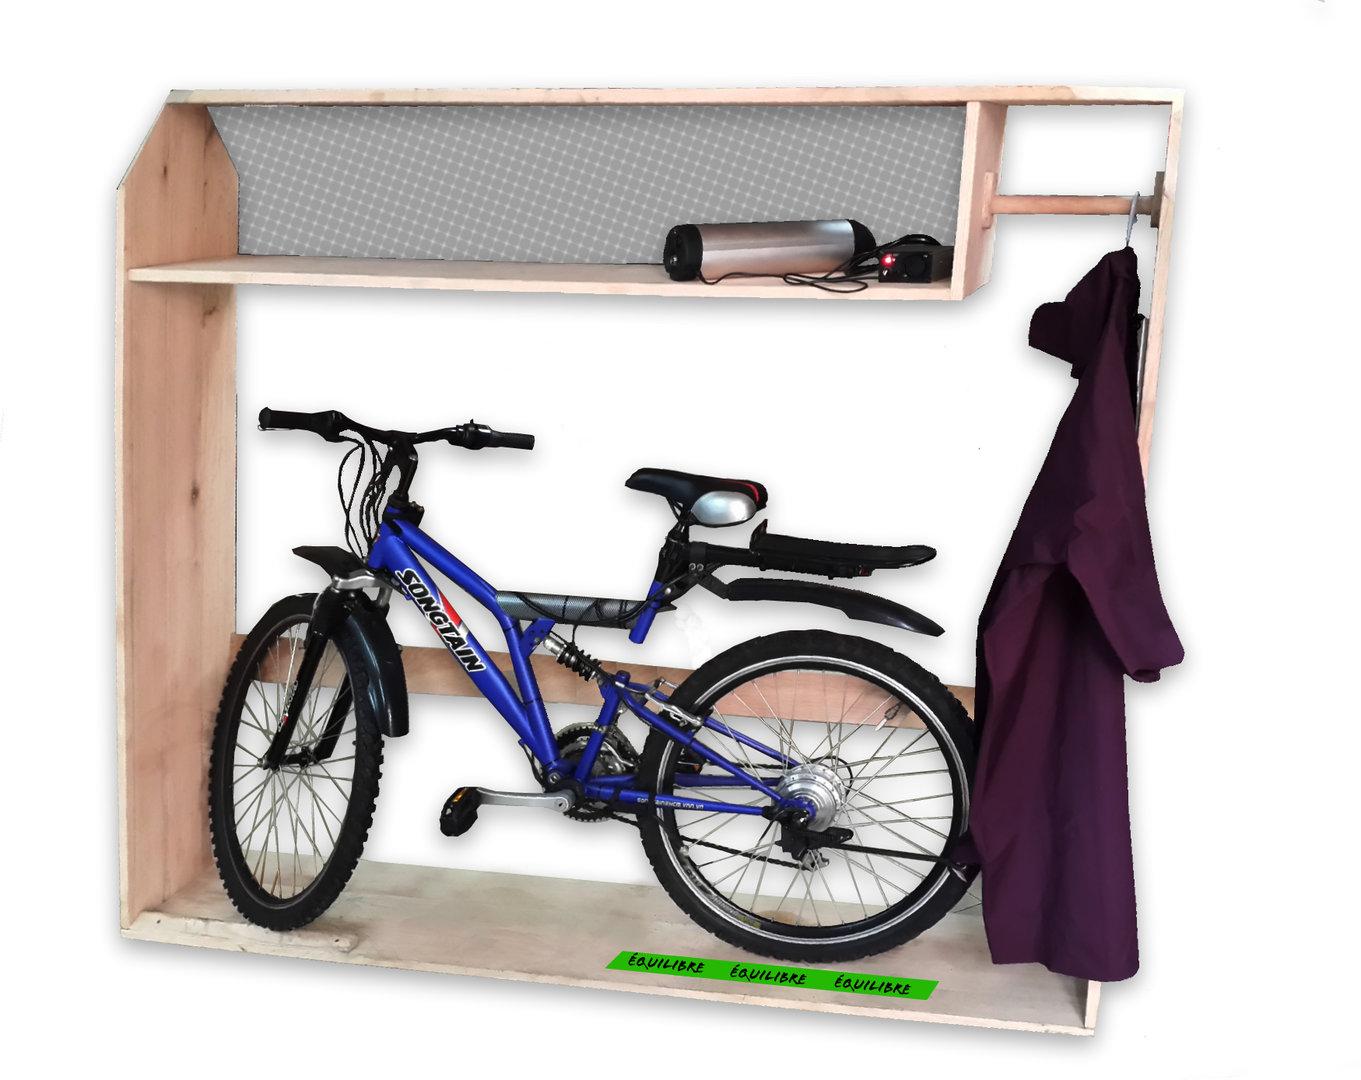 meuble de rangement aur re ebike pour v lo lectrique. Black Bedroom Furniture Sets. Home Design Ideas